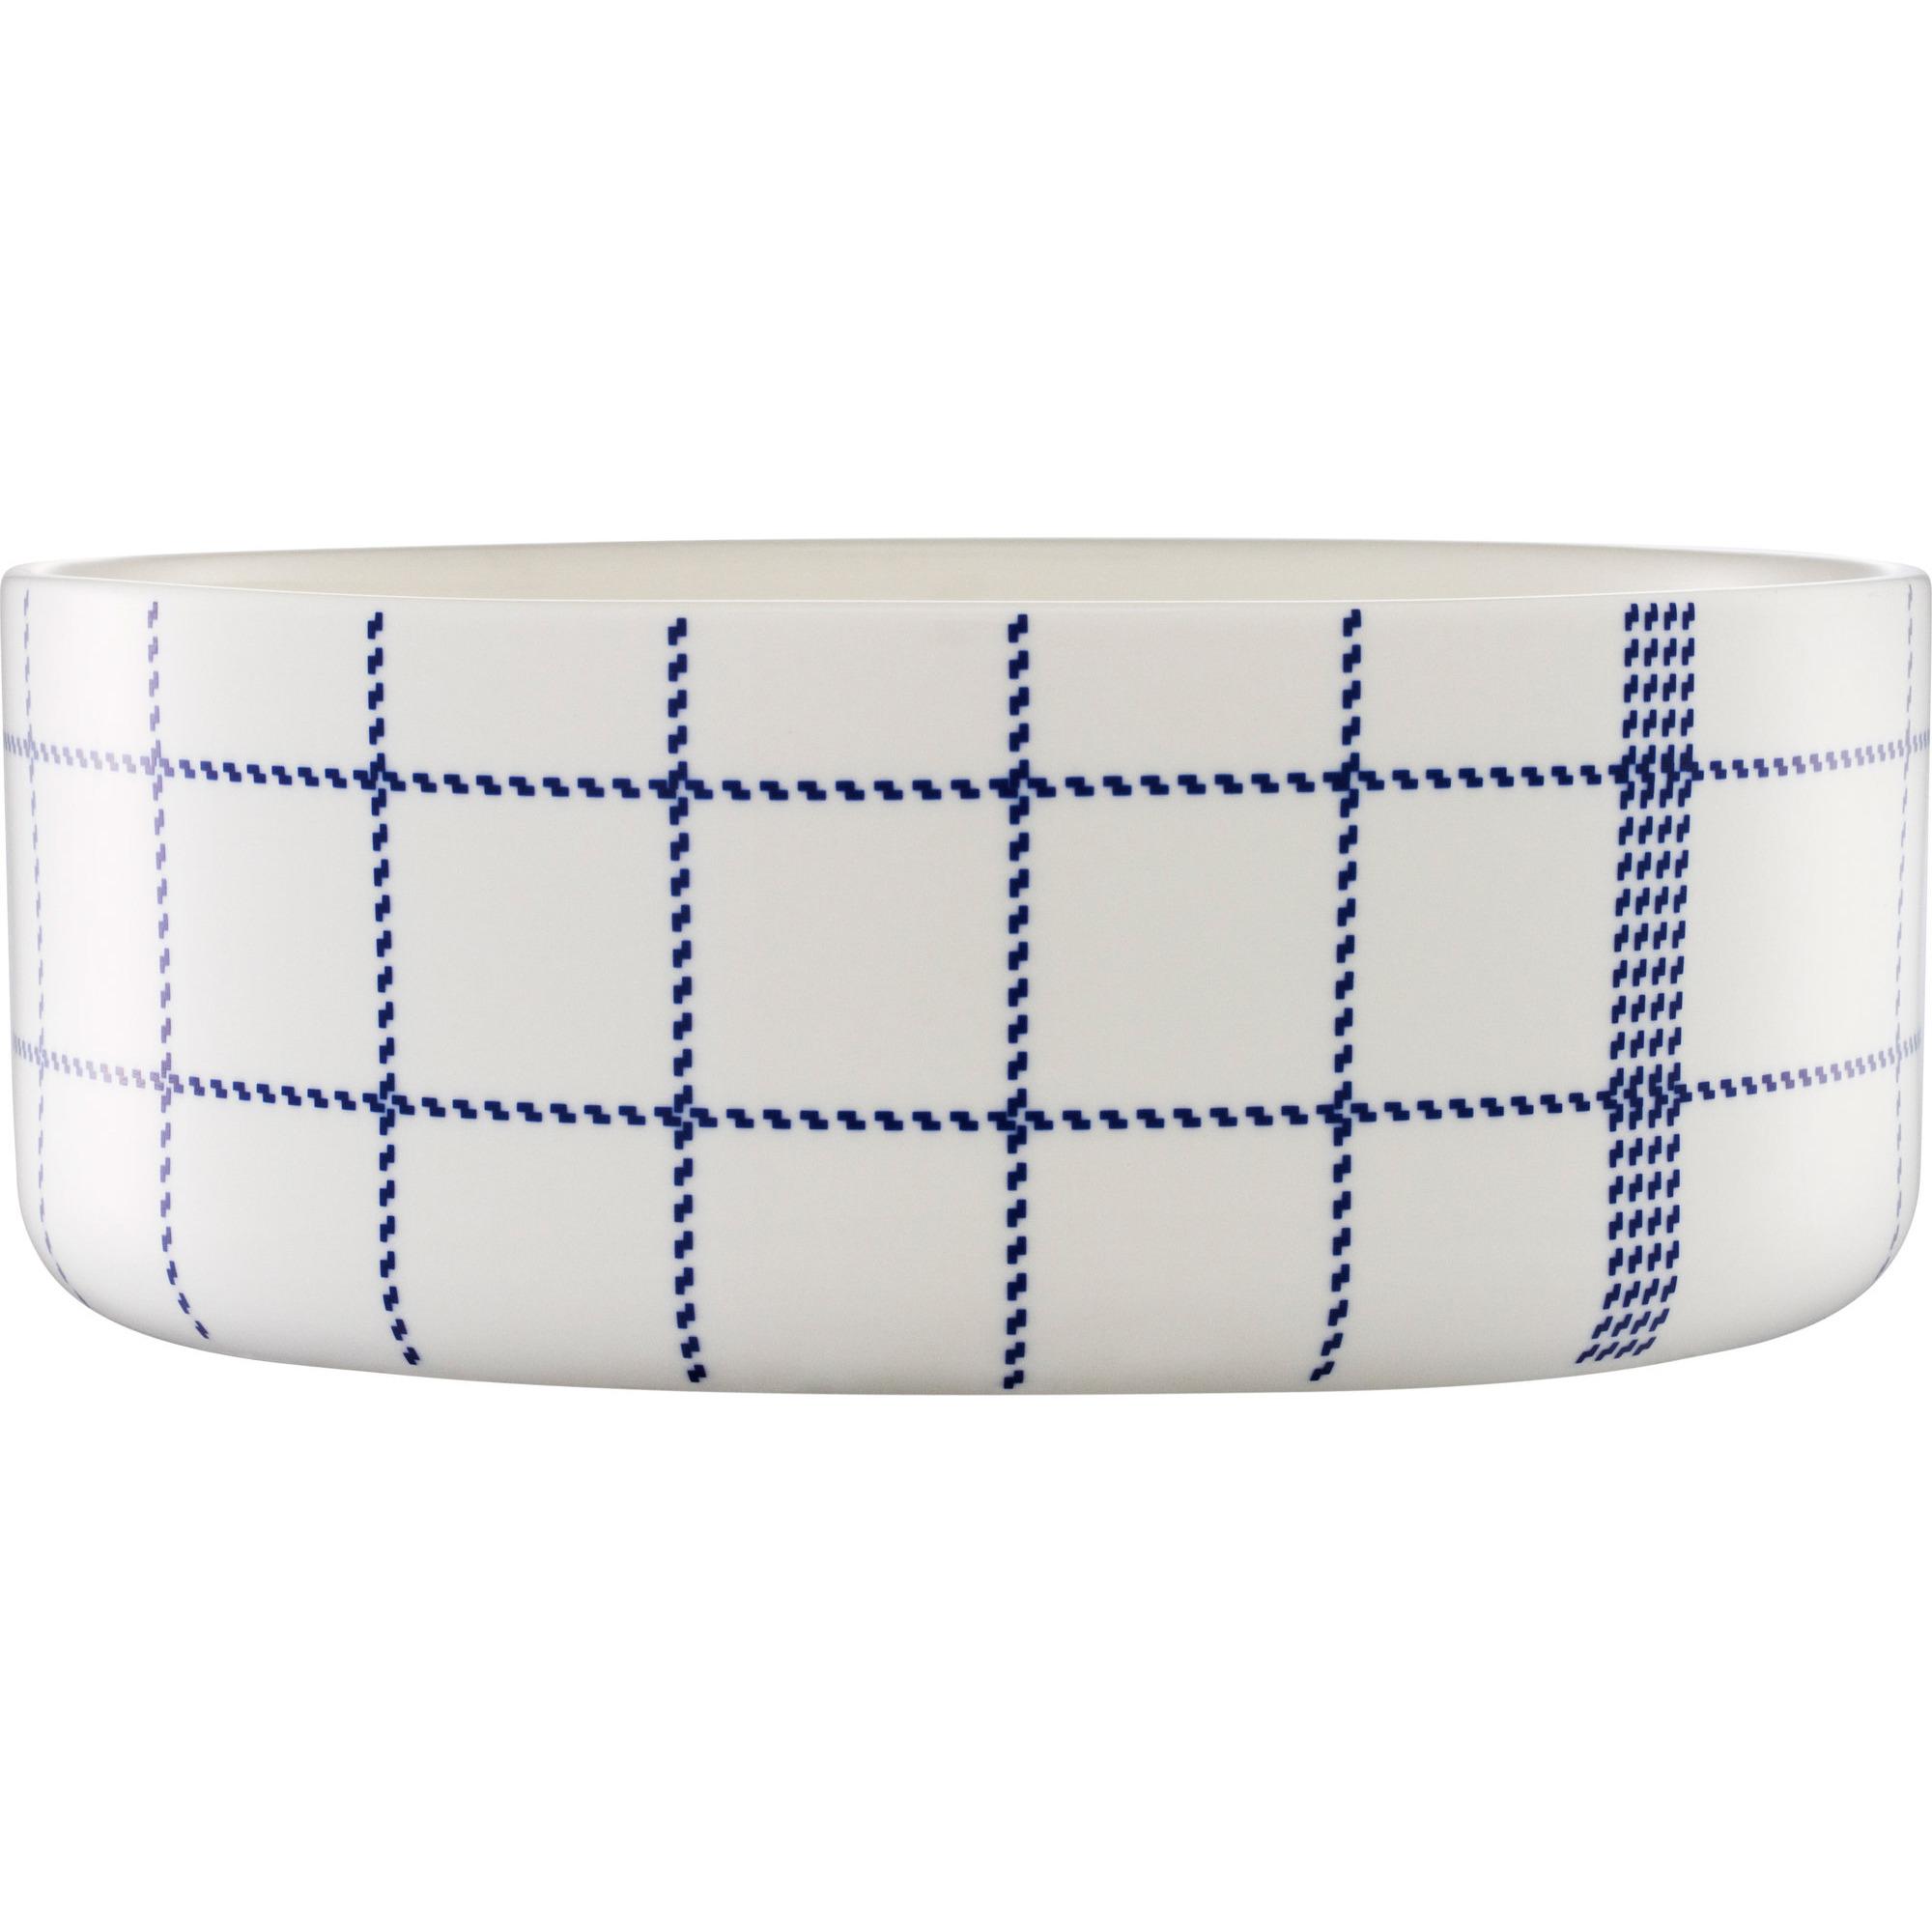 Normann Copenhagen Mormor Blue Bowl Large 25 L Wh